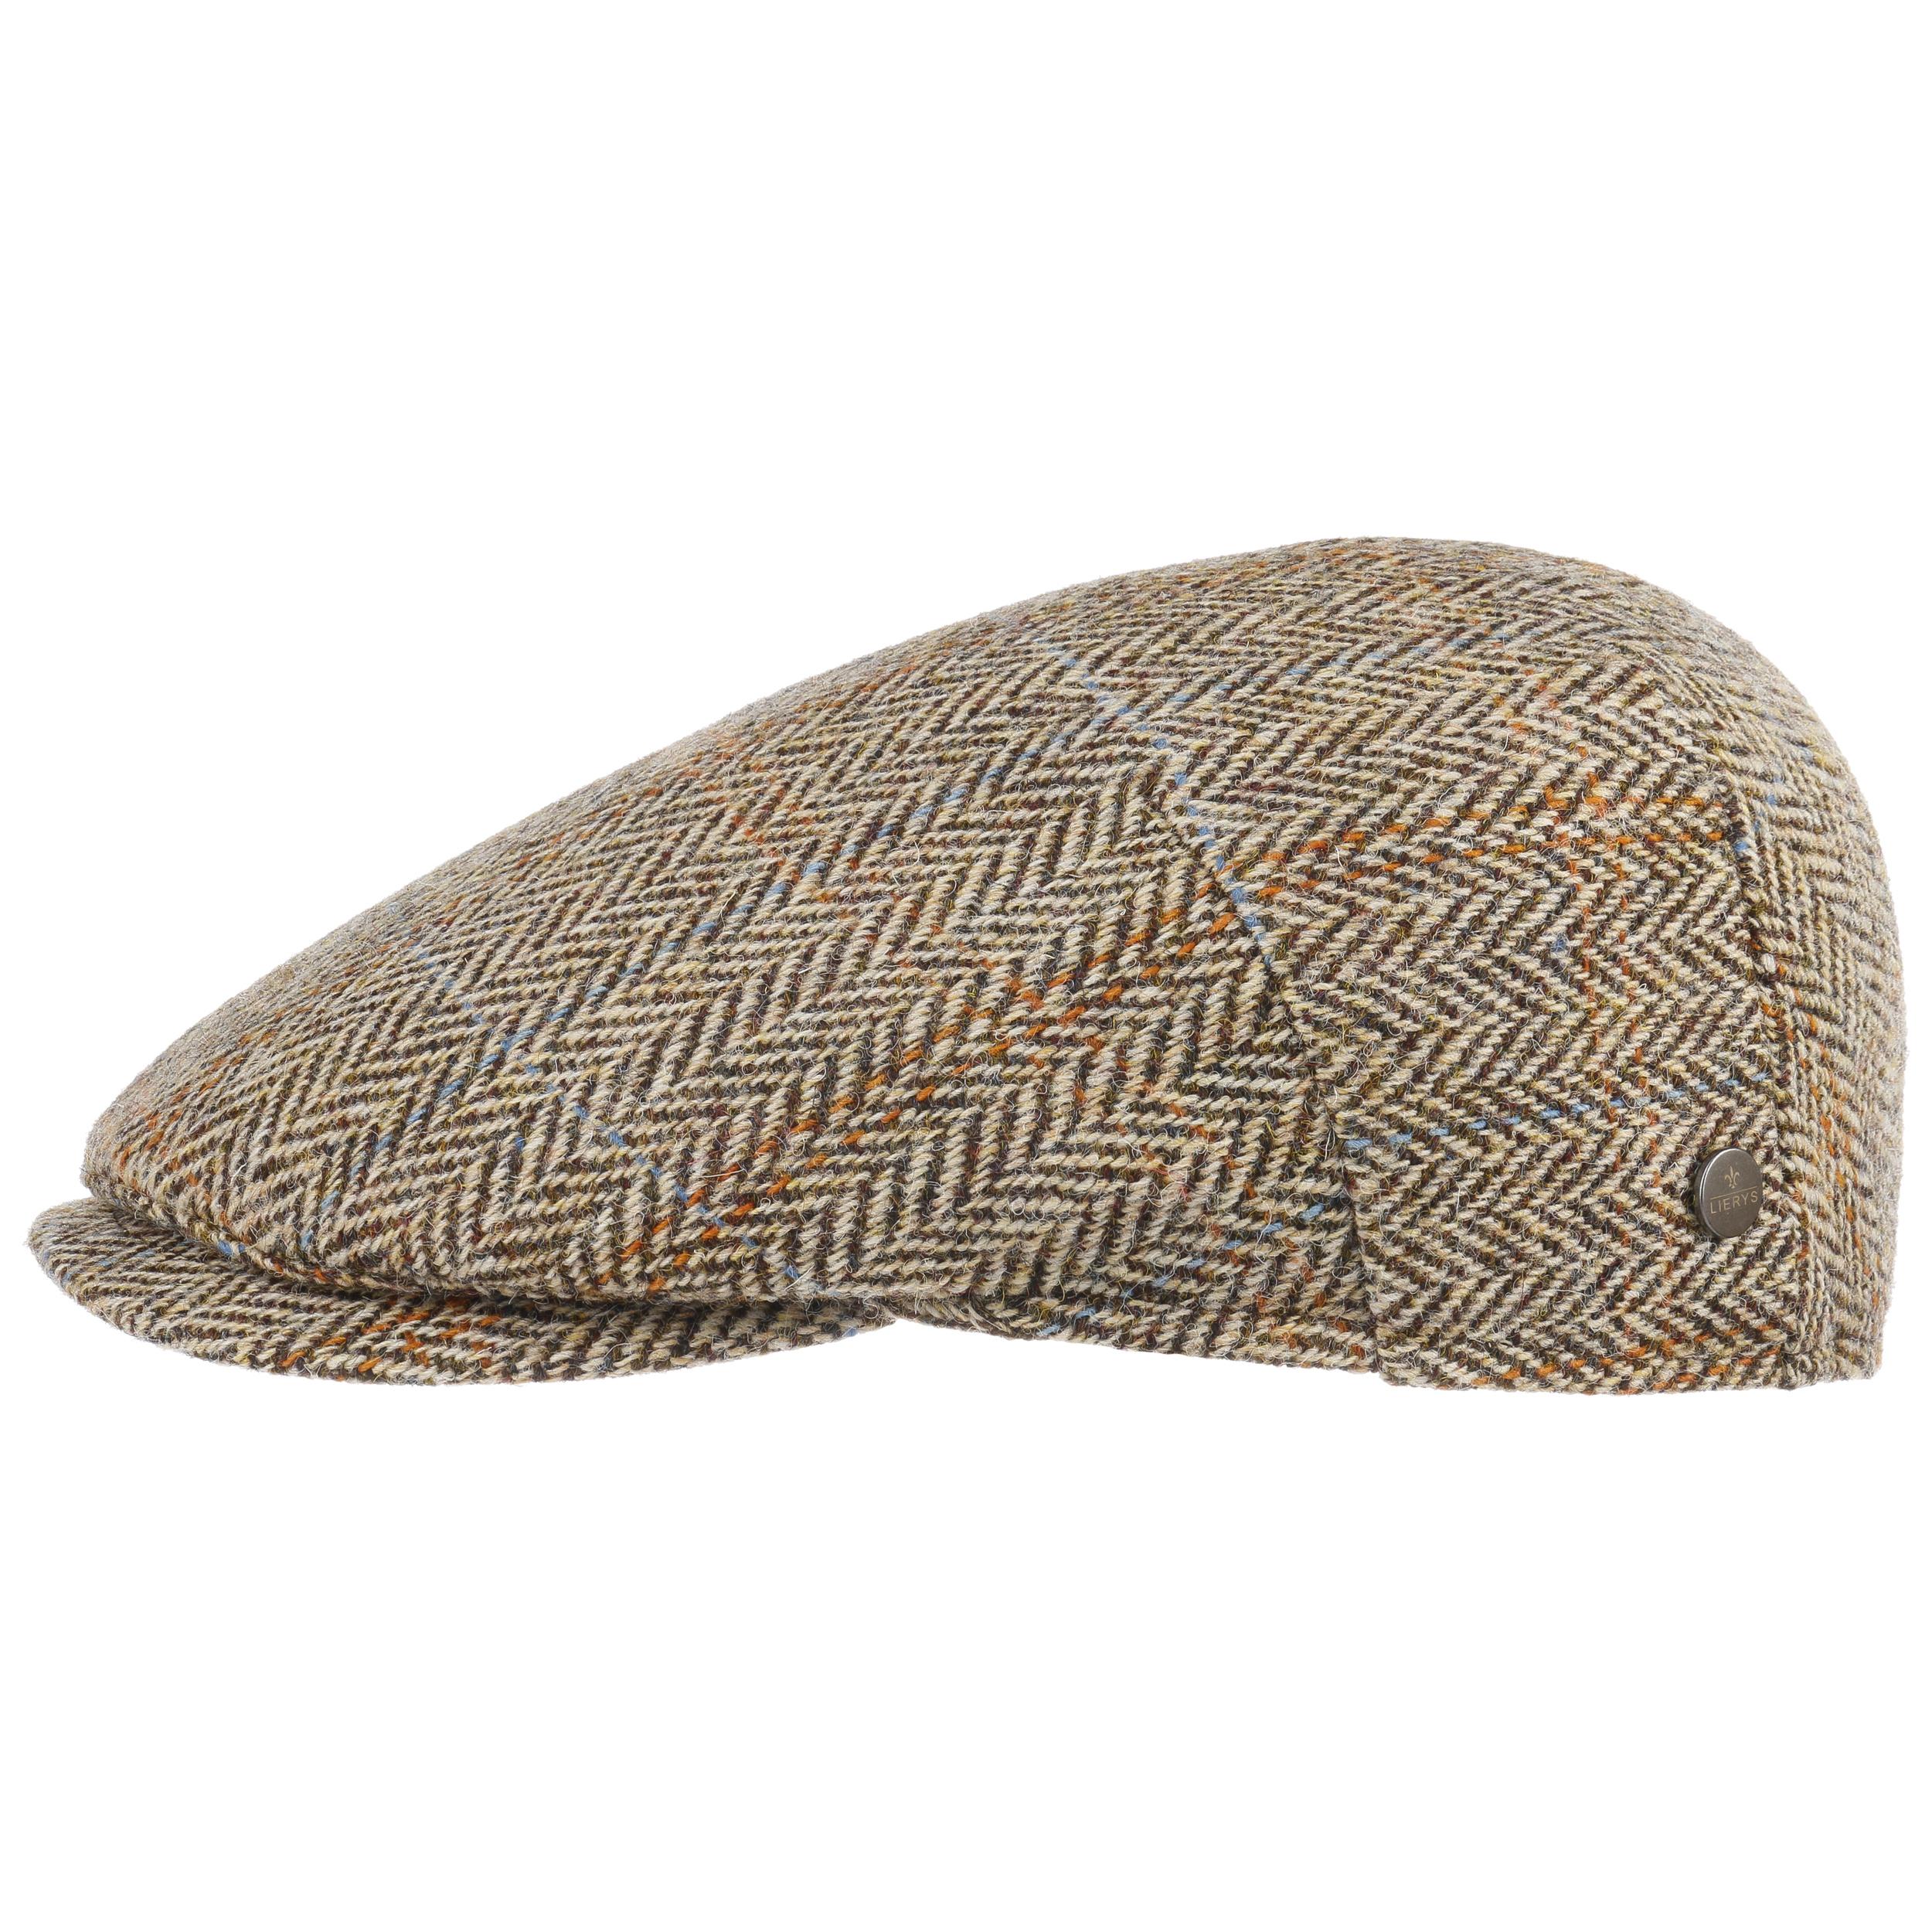 Harris Tweed Wool Pet By Lierys 89 95